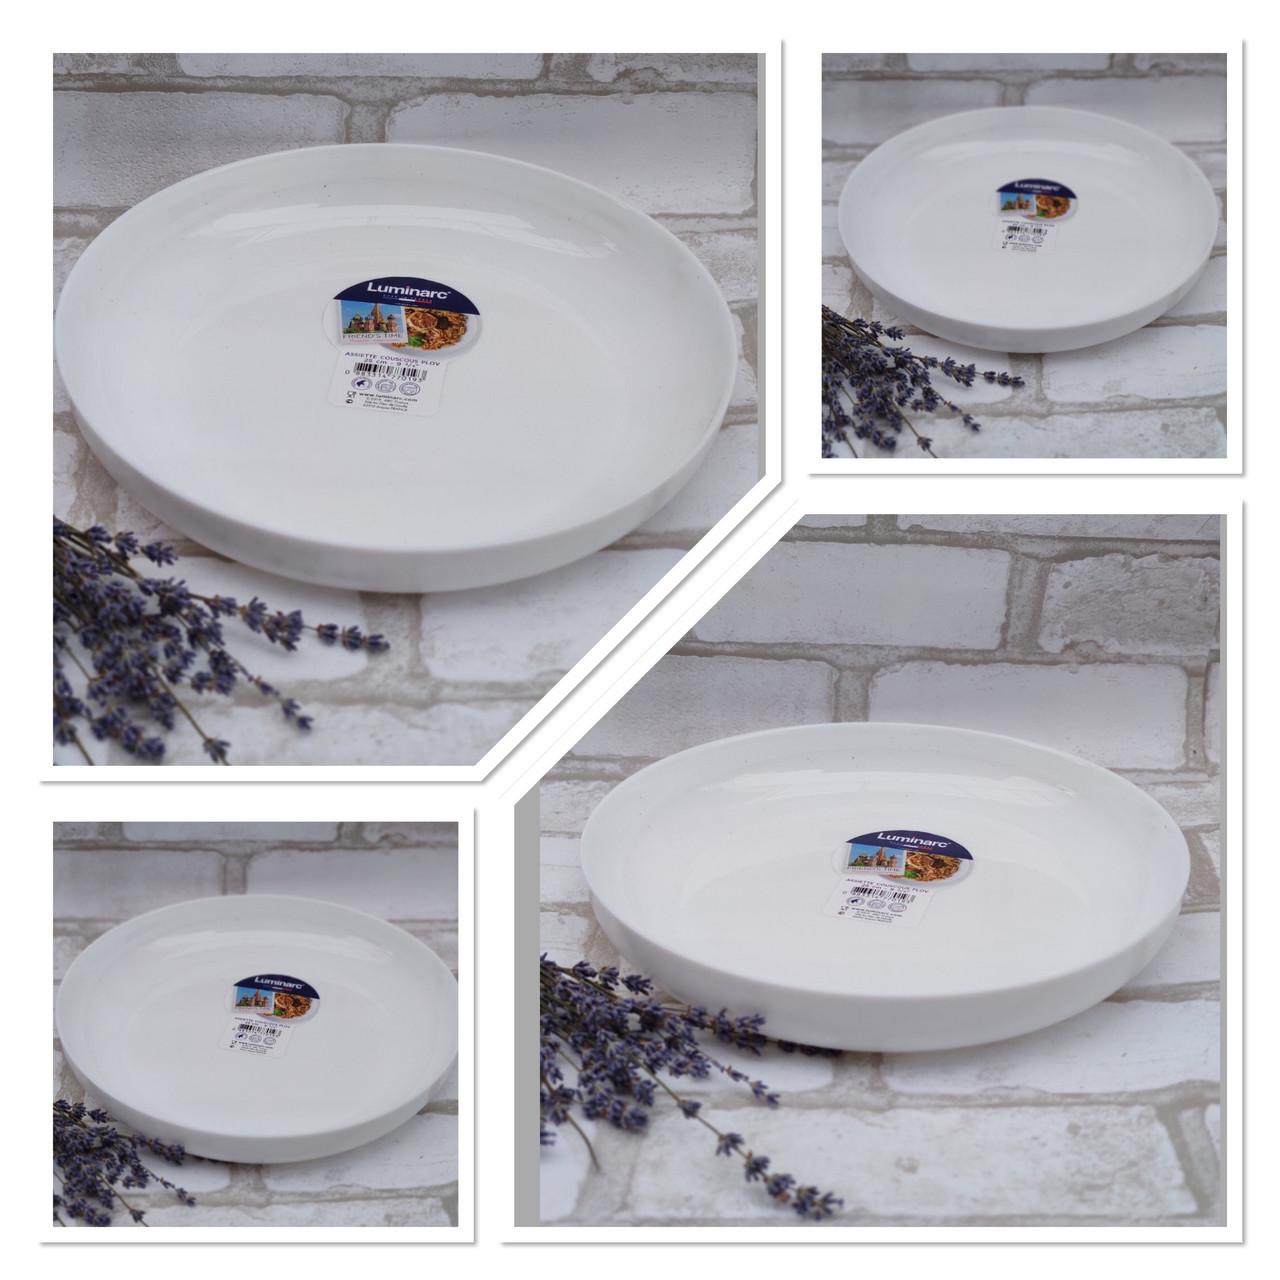 Тарілка-блюдо глибока , білого кольору фірми Luminark, розмір 25 см